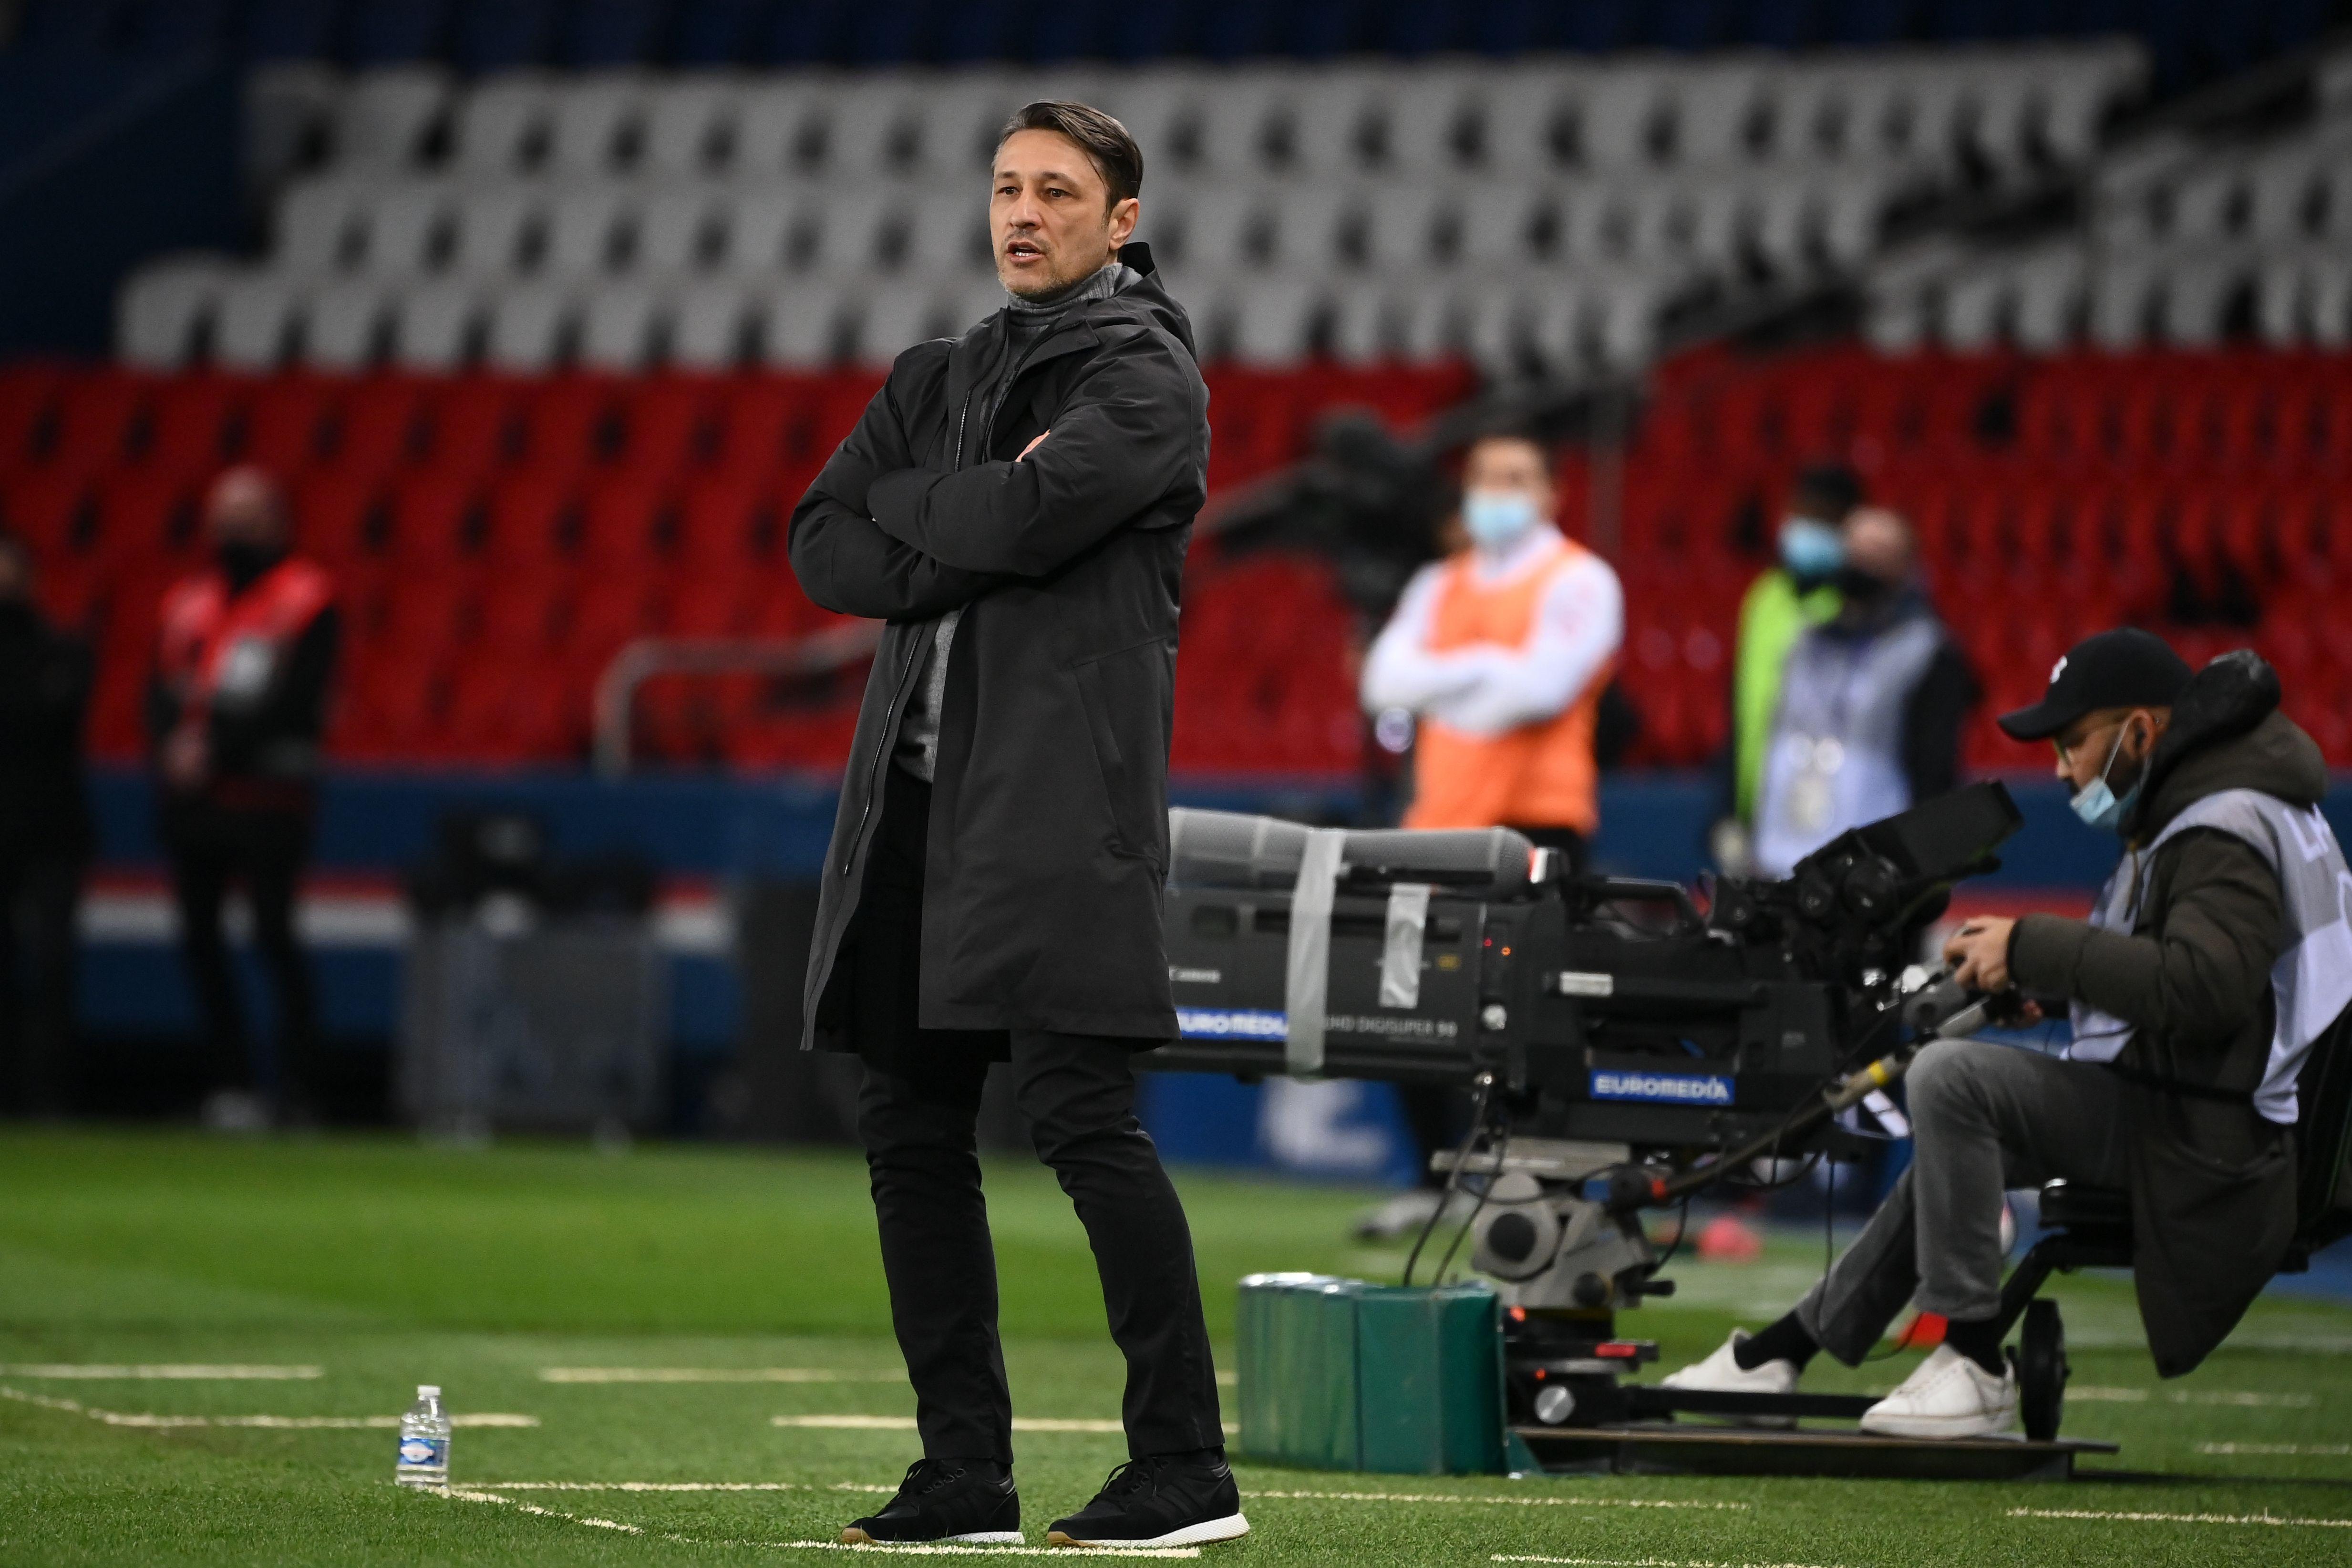 'เราจะเป็นฝ่ายแพ้' – ขณะที่ผู้จัดการโมนาโก Kovac มองไปข้างหน้าในการแข่งขัน Coupe de France รอบชิงชนะเลิศกับ เปแอสเช